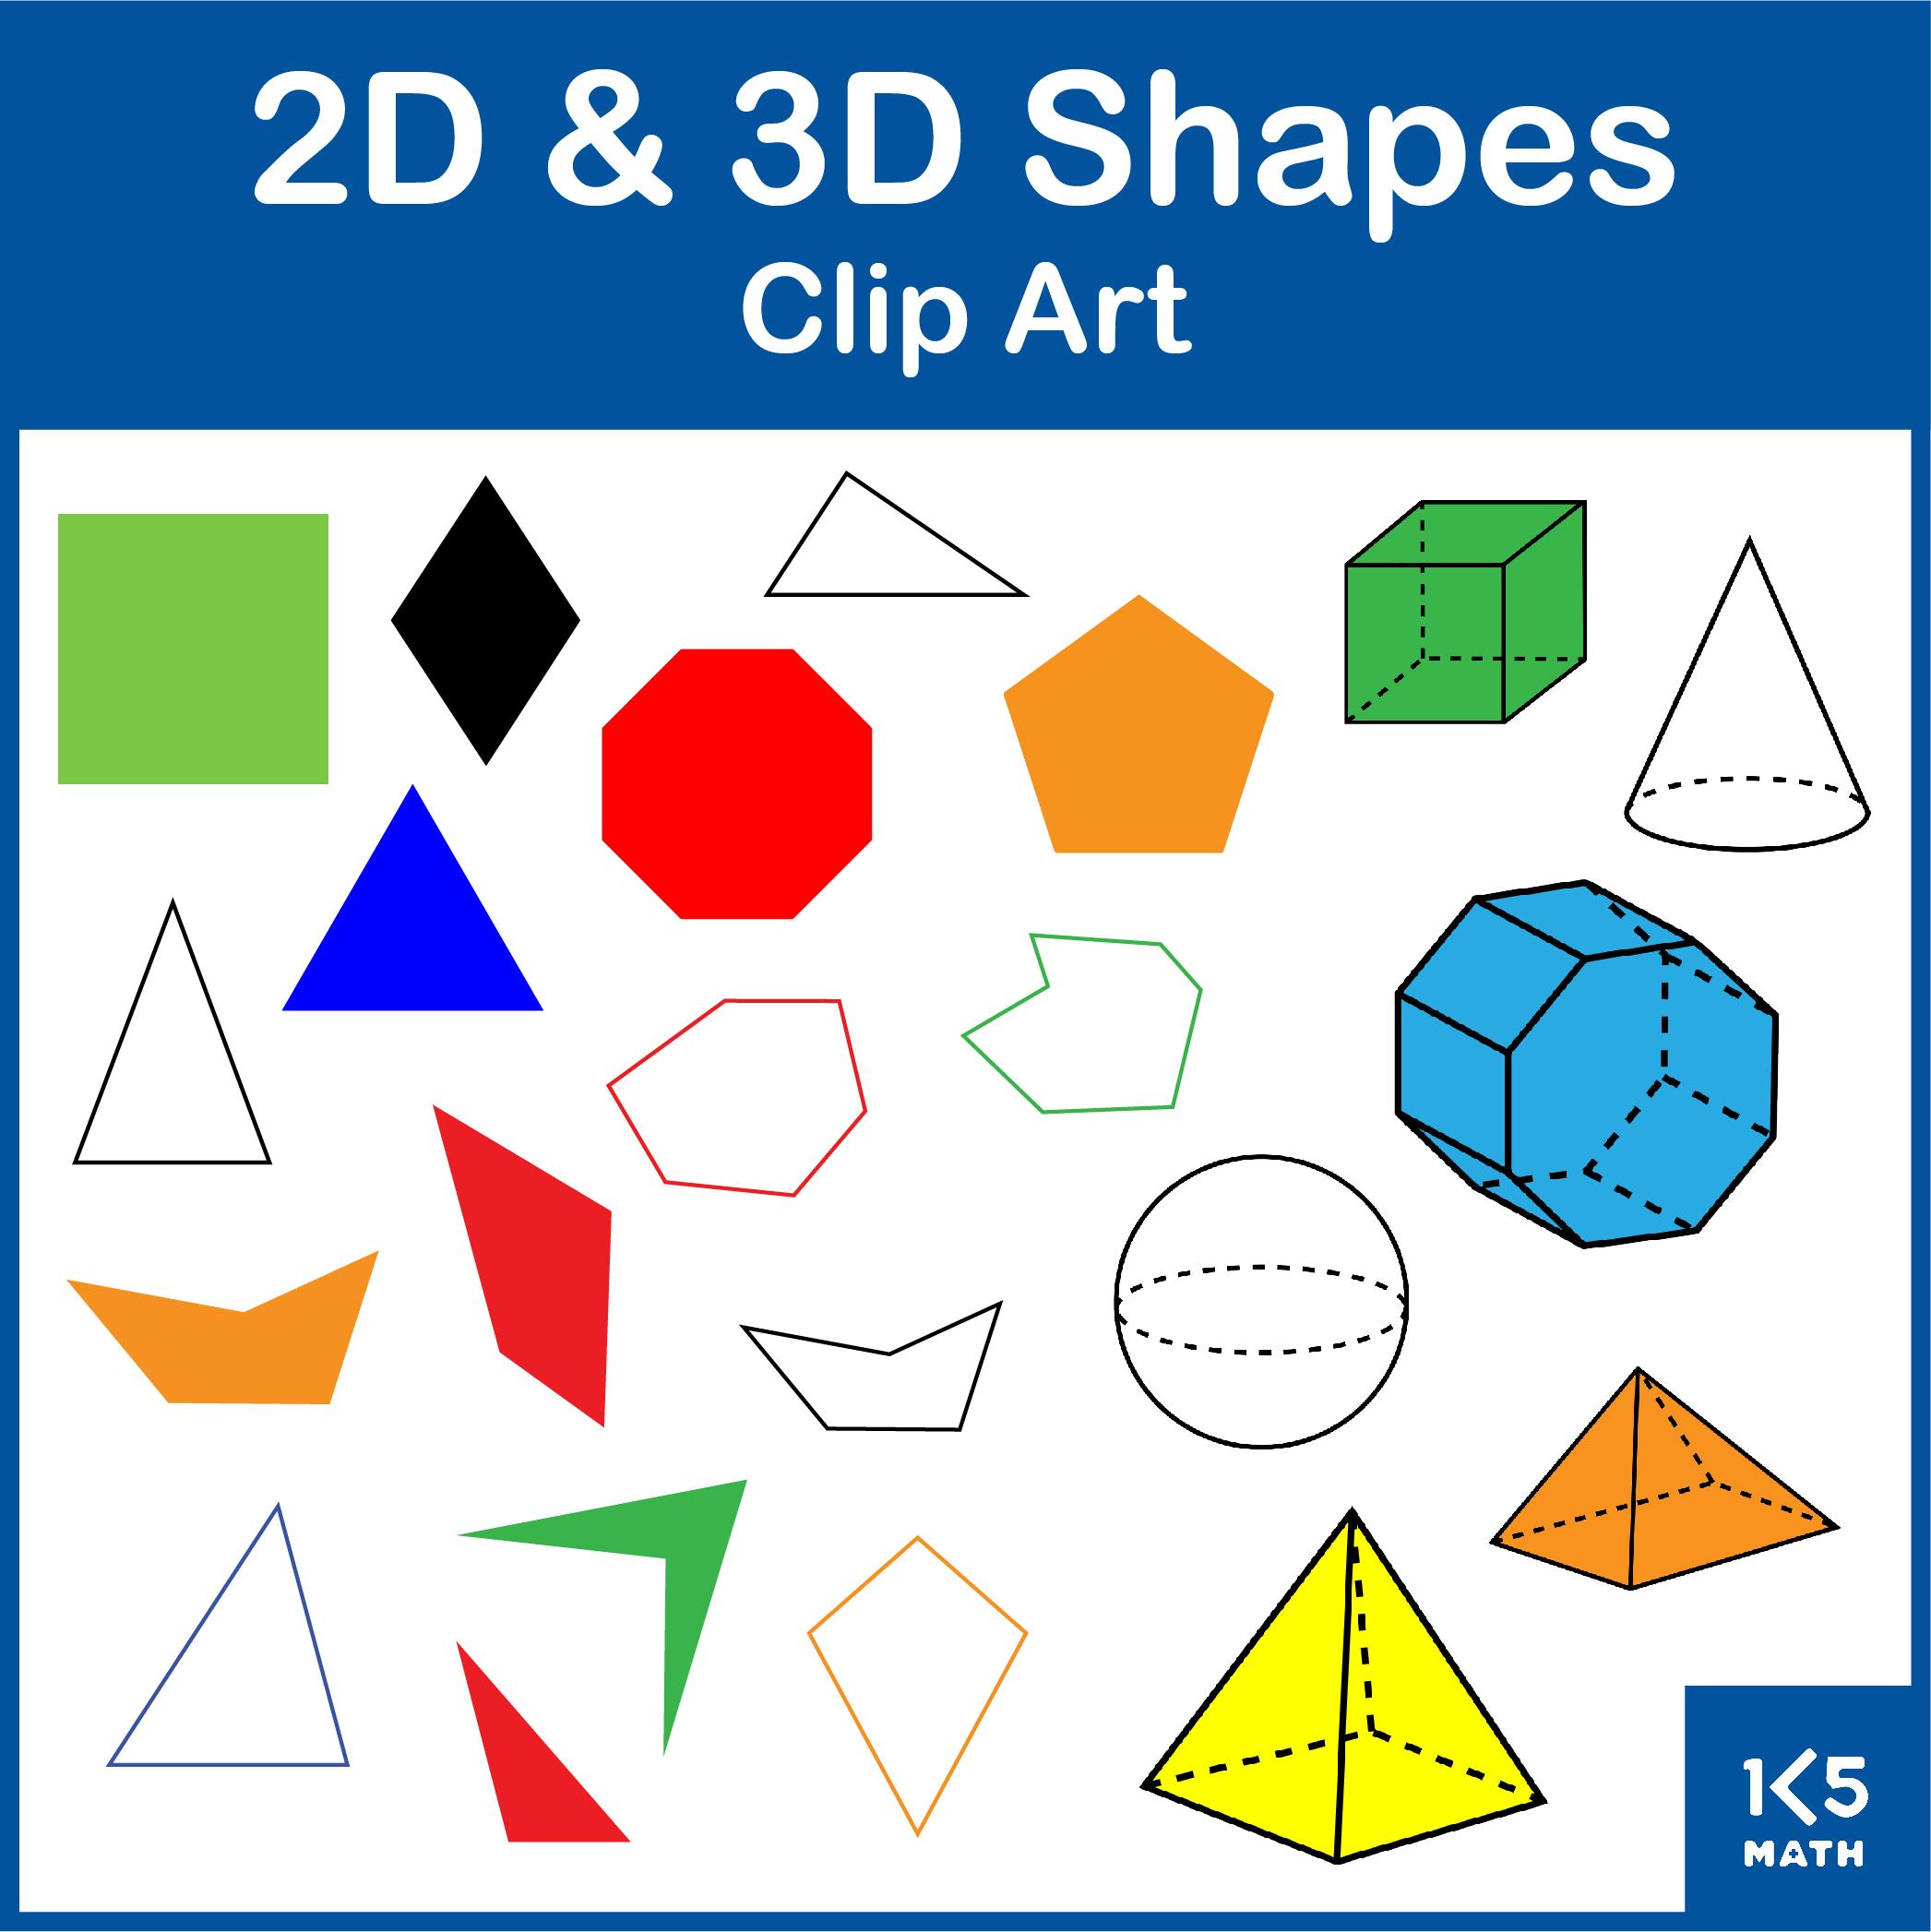 2D and 3D Shapes Clip Art